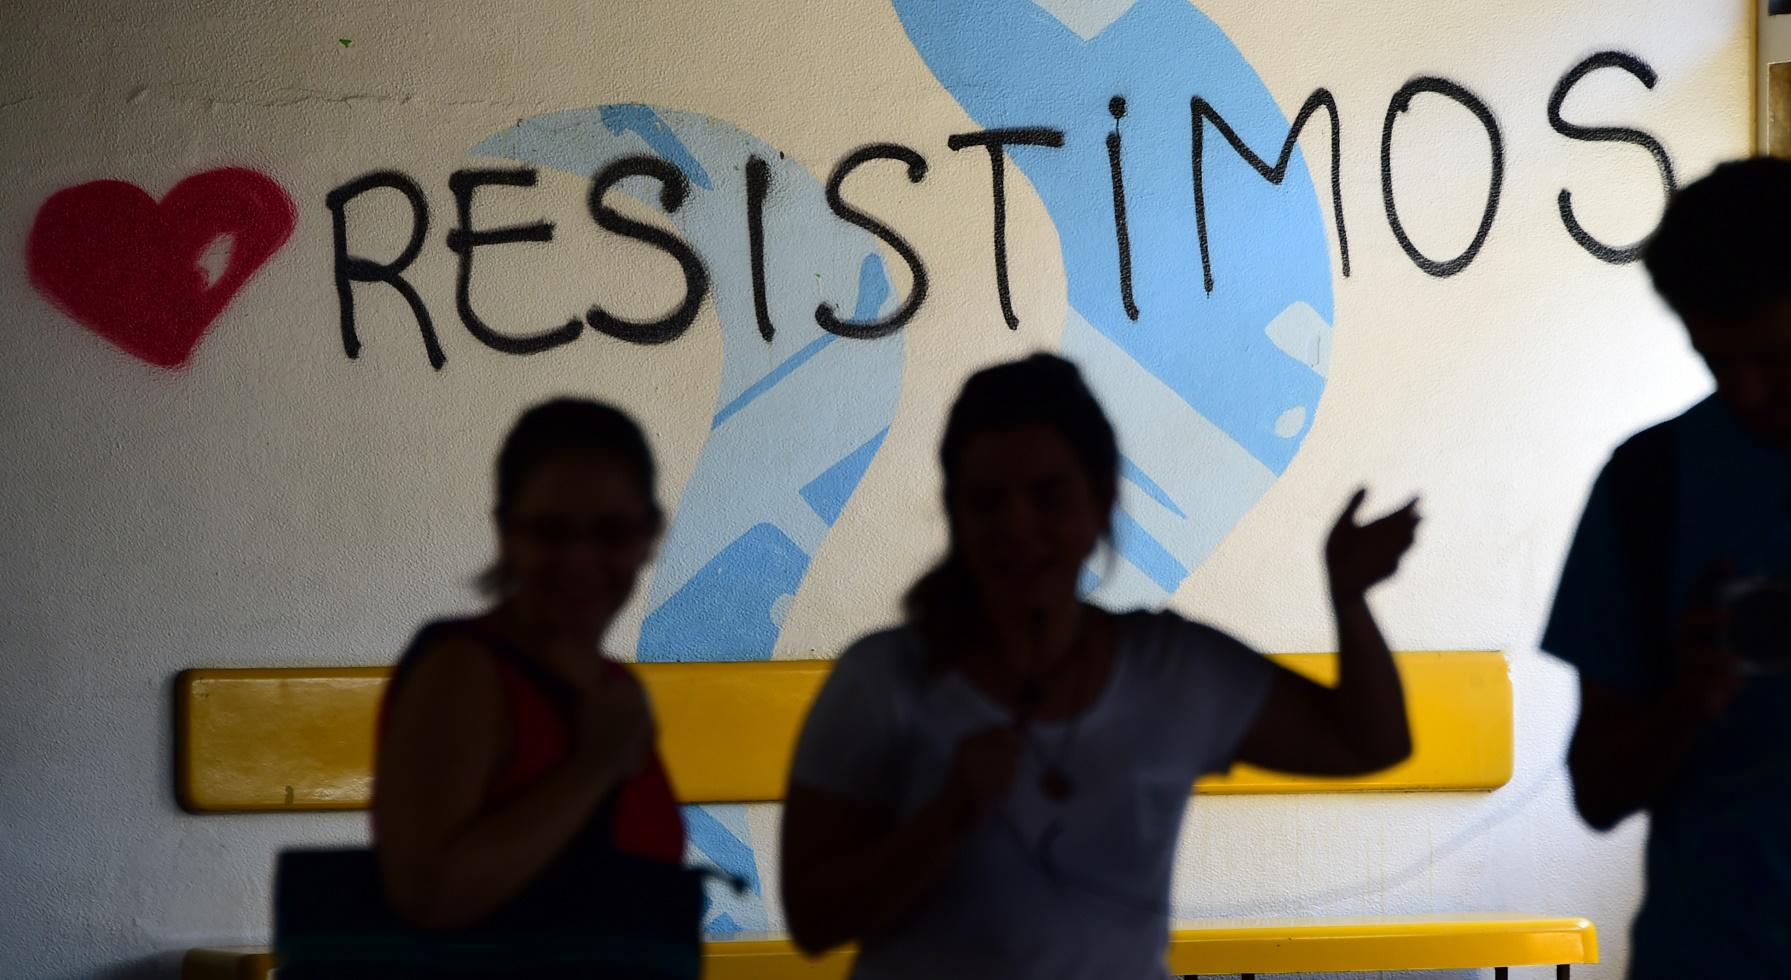 Com os salários atrasados, alguns docentes e técnicos não têm dinheiro sequer para arcar com o custo das passagens de ônibus, trem ou metrô. Foto Tasso Marcelo/AFP